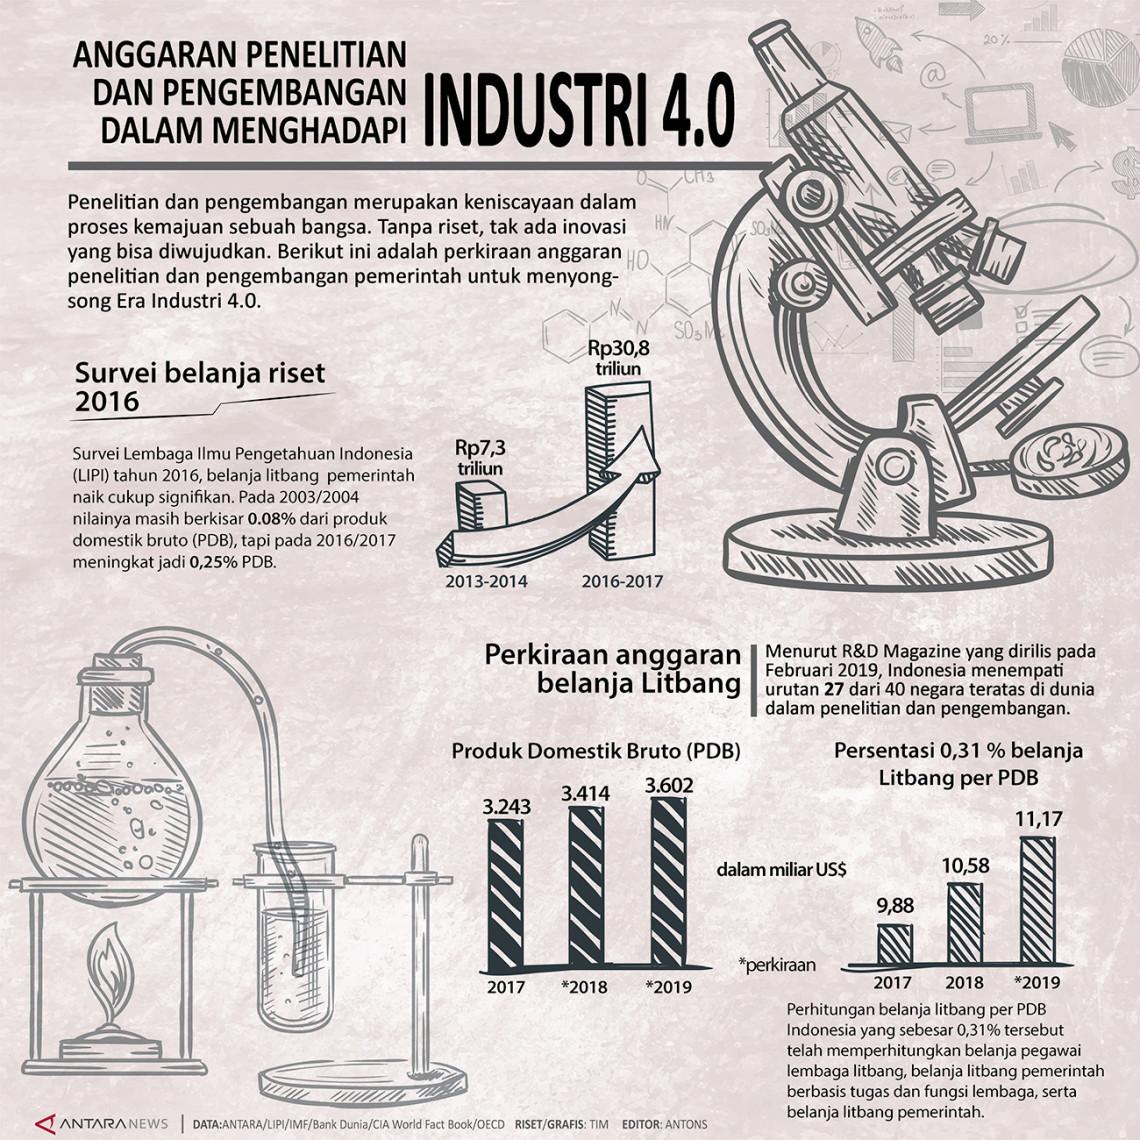 Anggaran penelitian dan pengembangan dalam menghadapi Industri 4.0